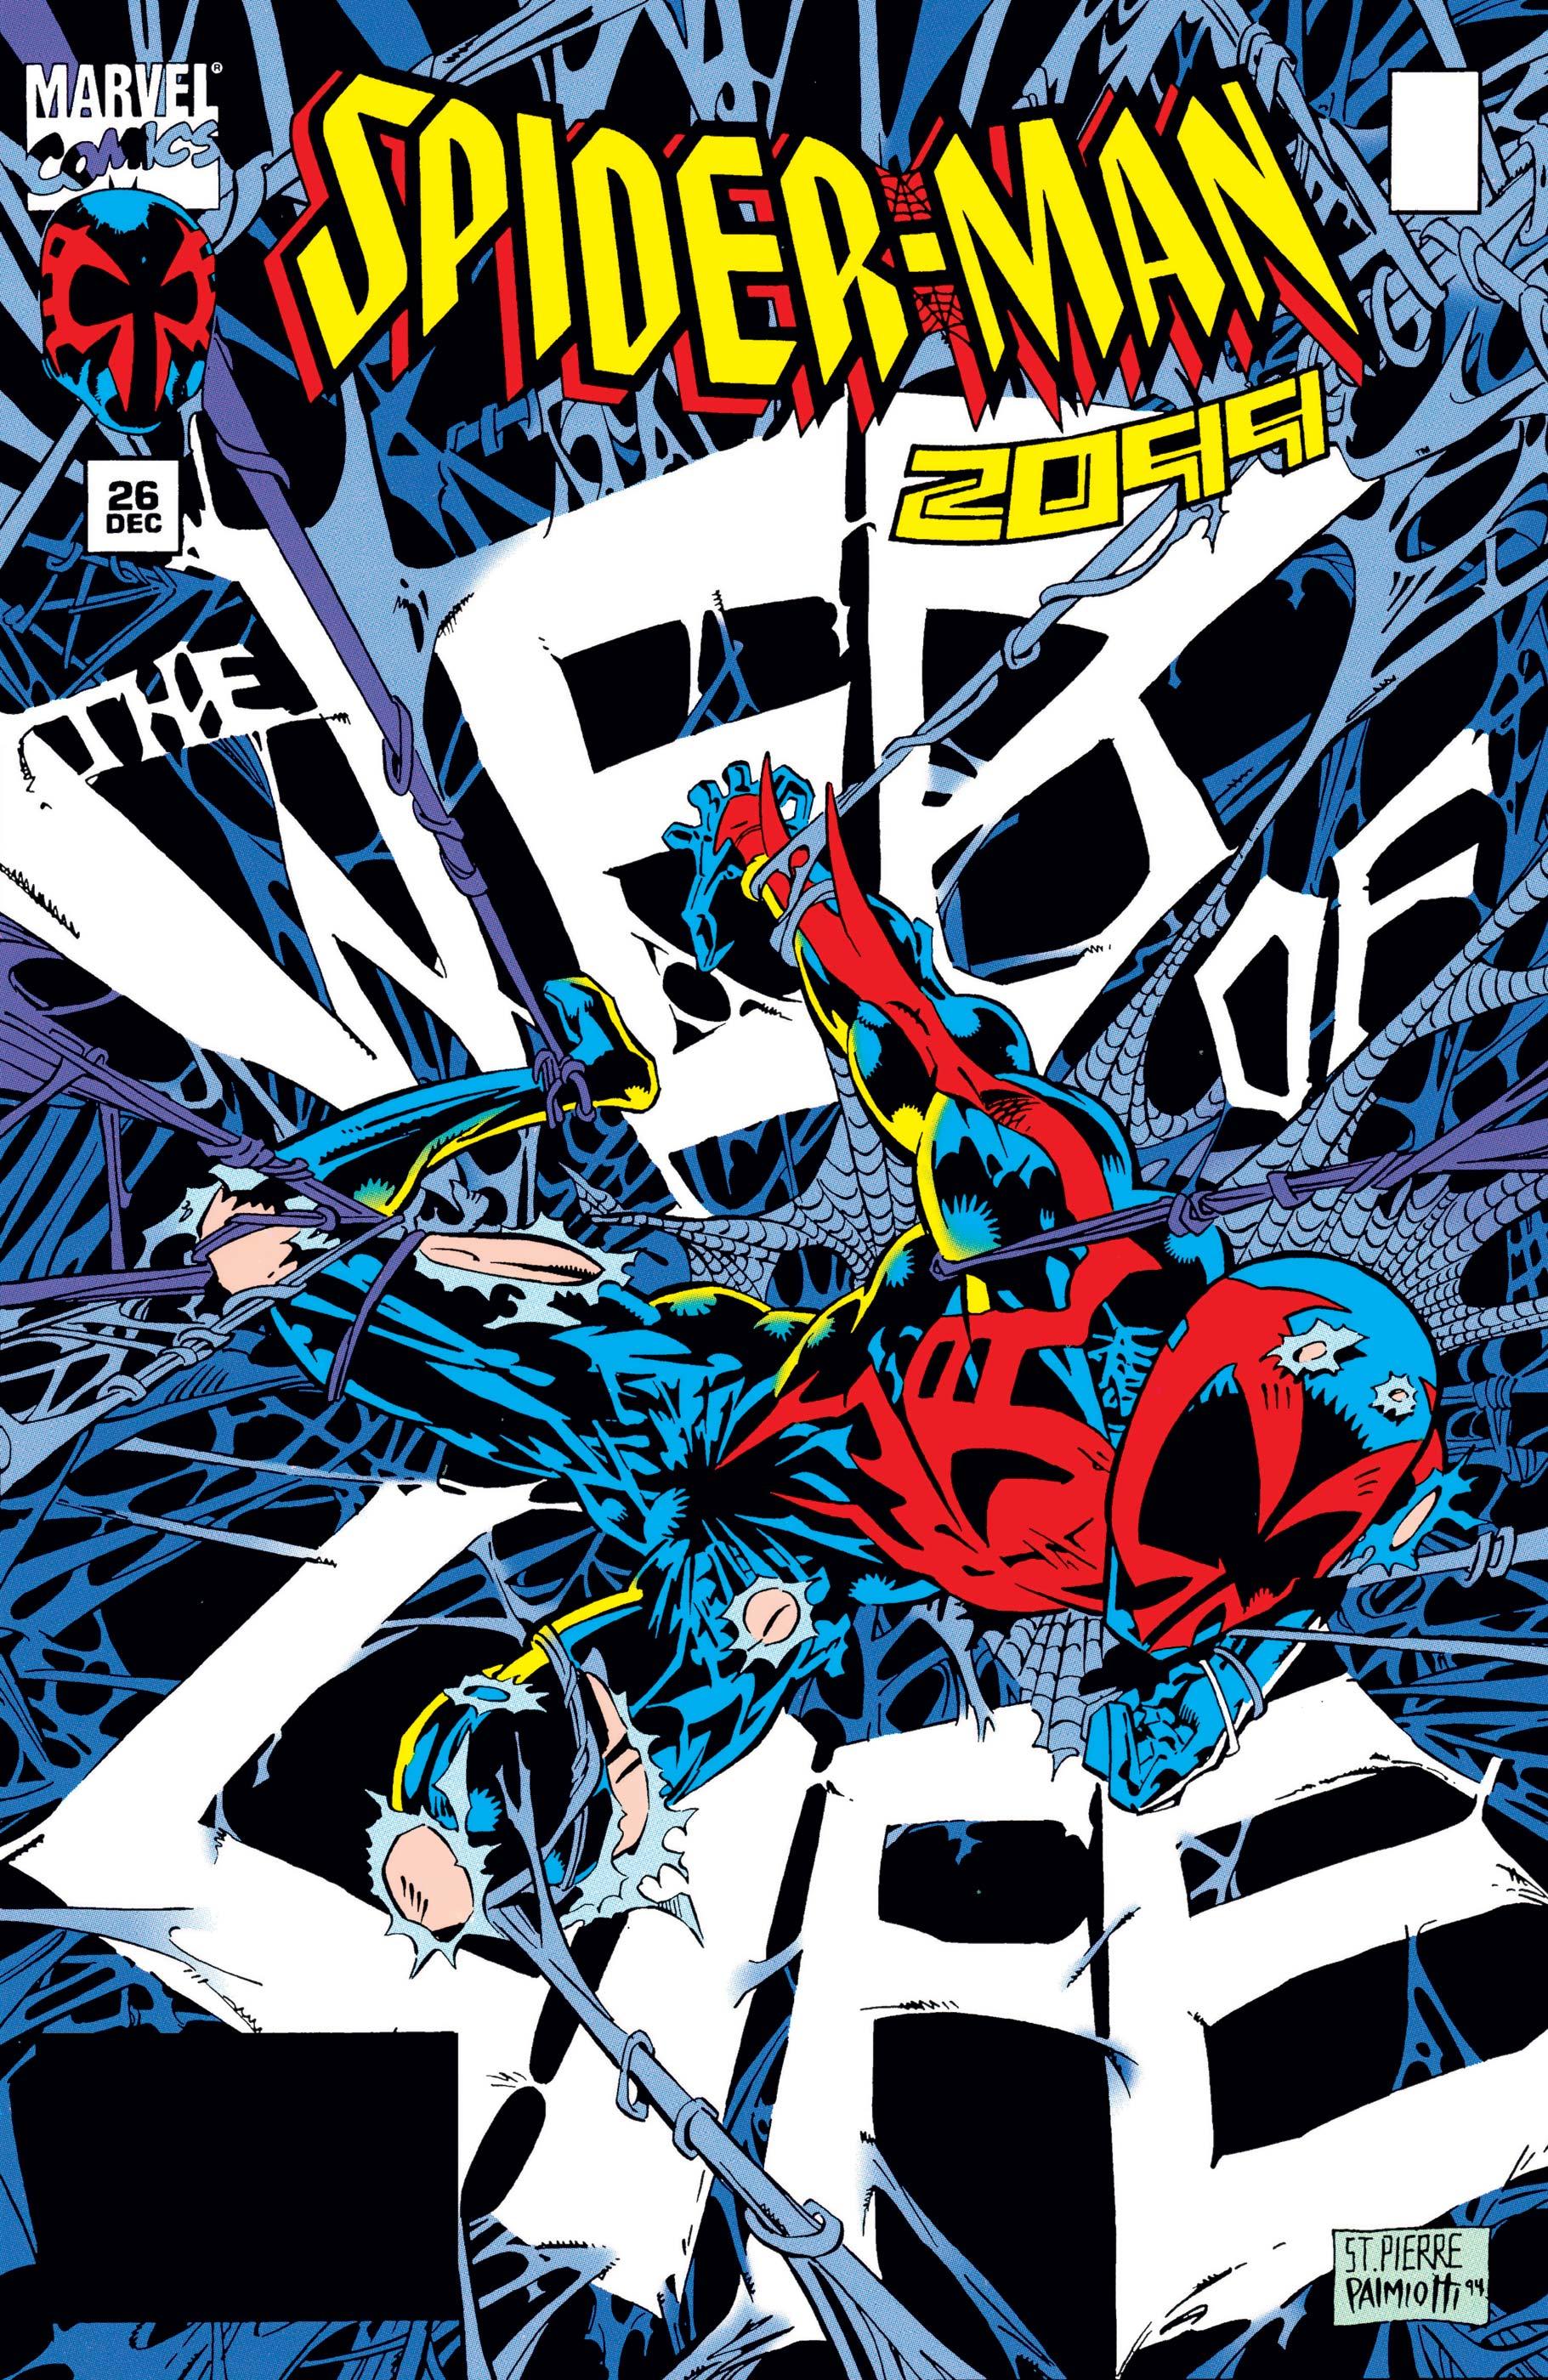 Spider-Man 2099 (1992) #26